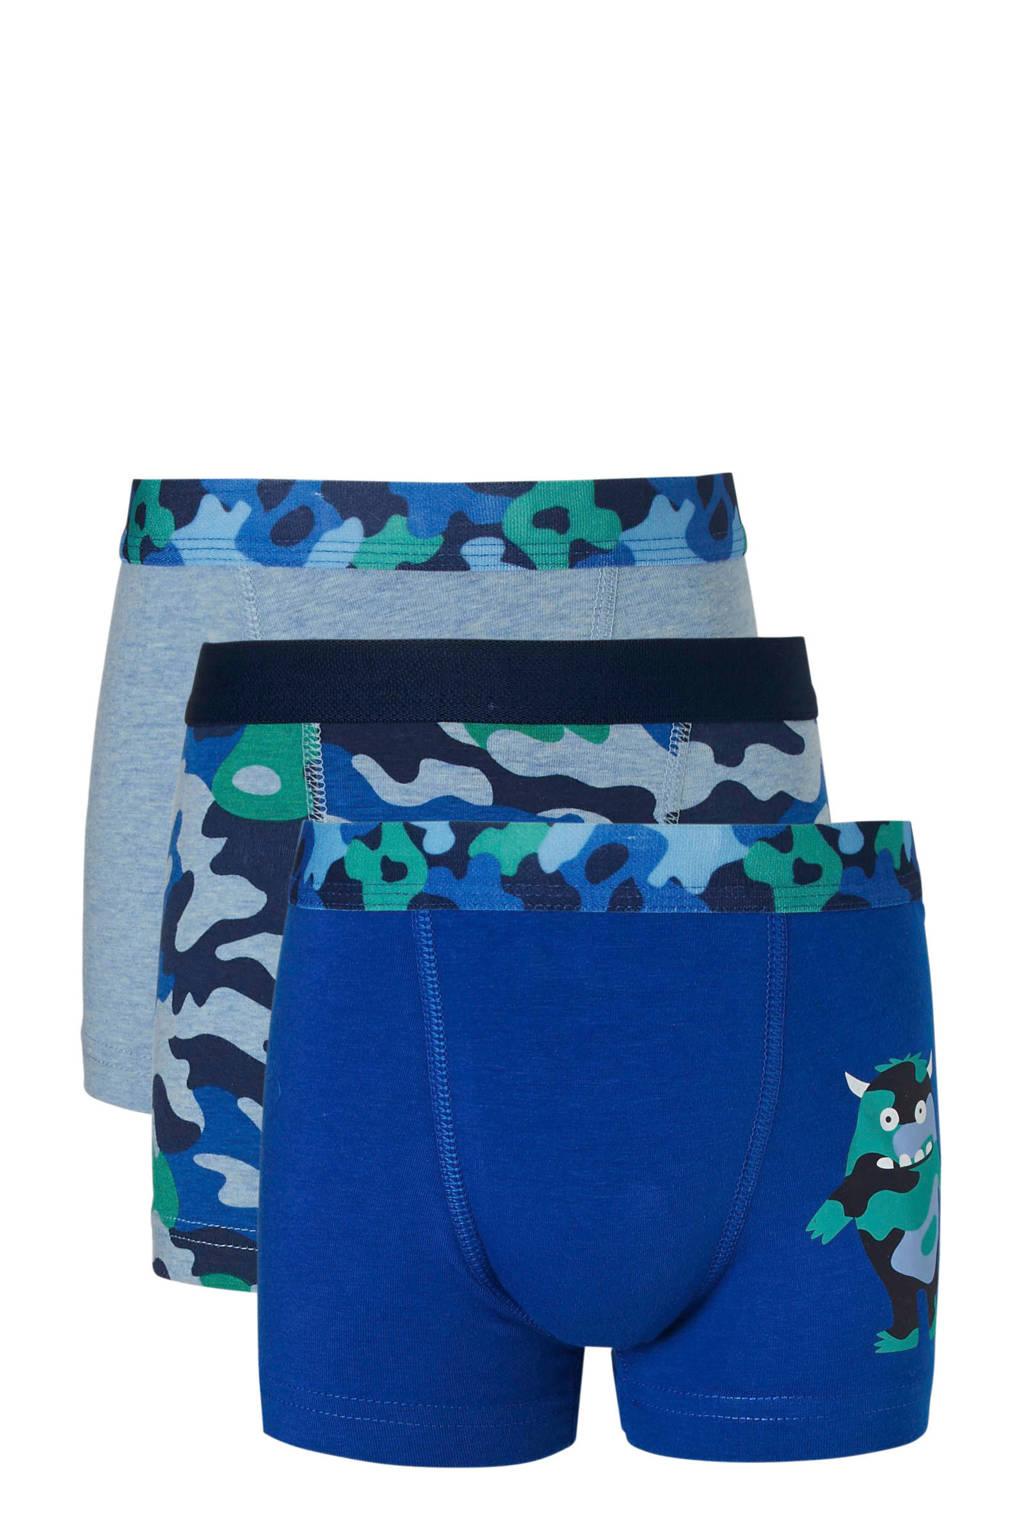 C&A Palomino Junior  boxershort - set van 3, Blauw/groen/grijsblauw